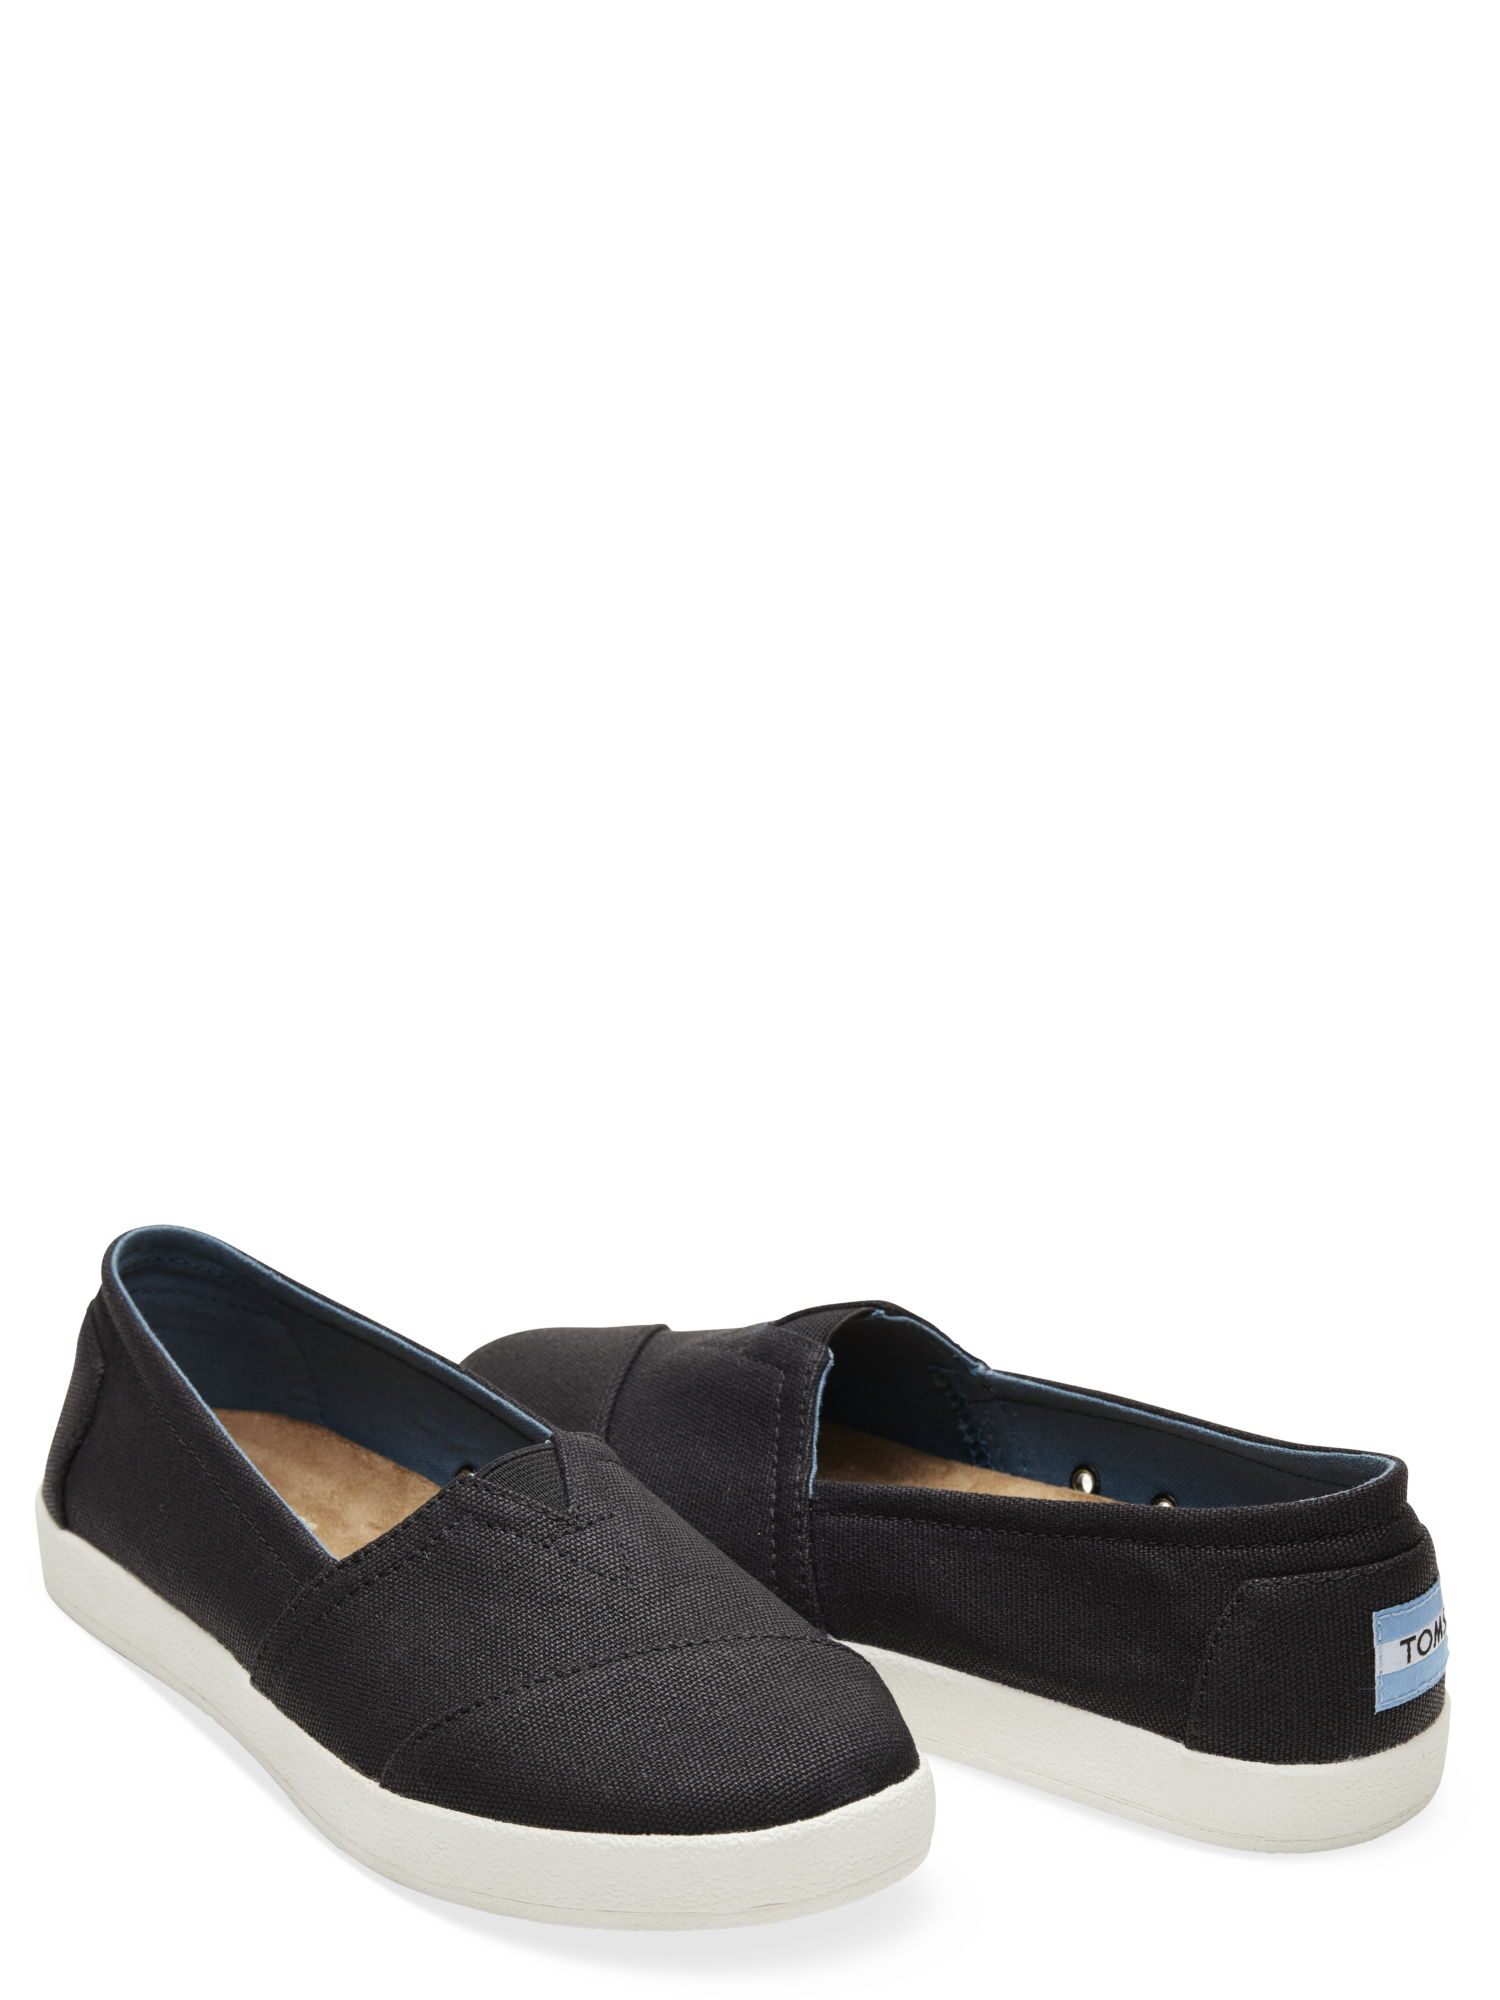 Coated Canvas Avalon Slip-On Shoes